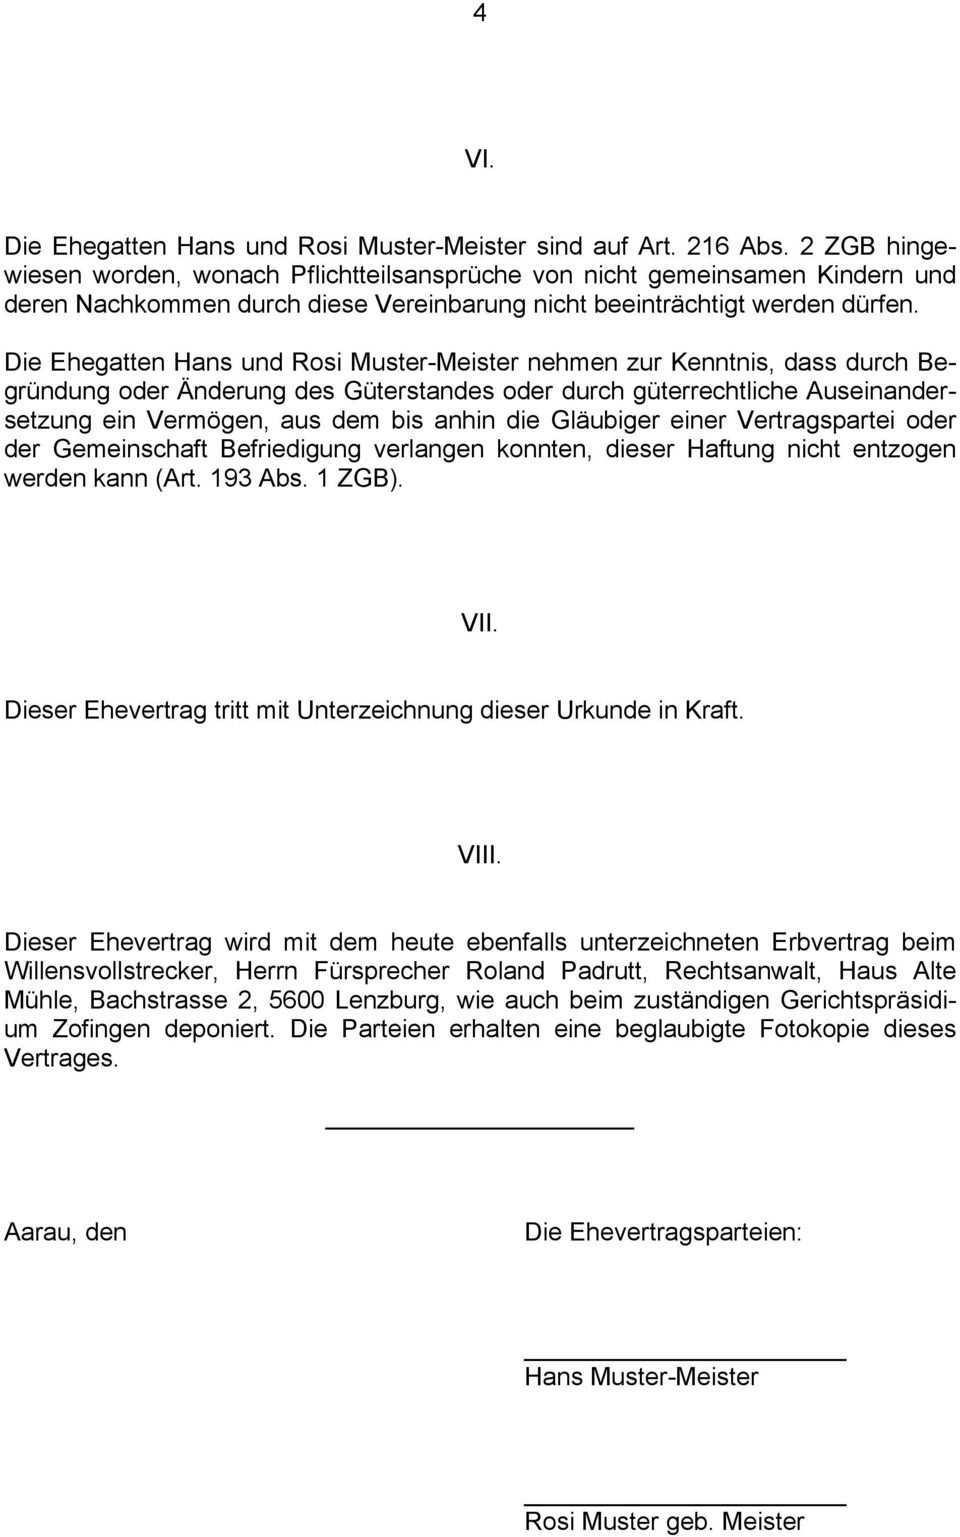 E H E V E R T R A G Auf Abanderung Der Vorschlagsbeteiligung Gemass Art 216 Abs 1 Zgb Pdf Free Download